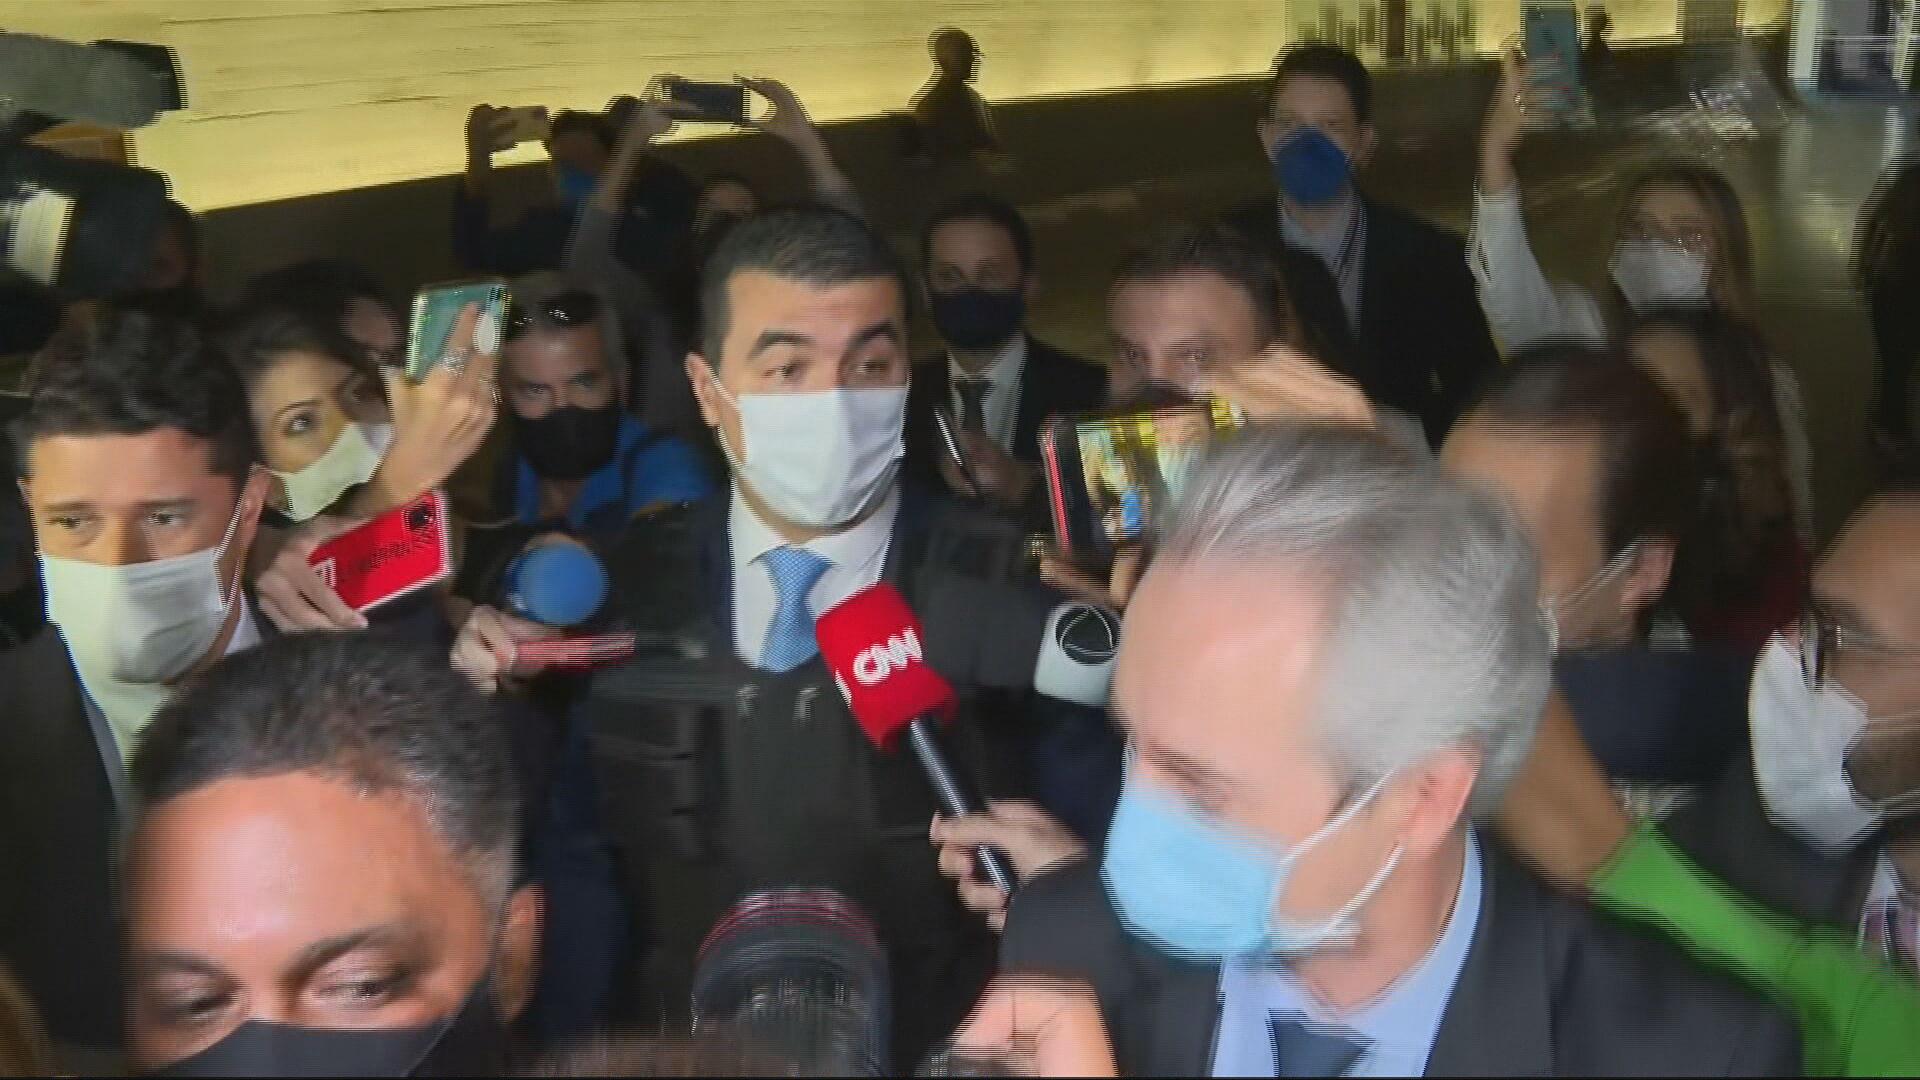 Deputado federal Luis Miranda (DEM-DF) chega para depor à CPI da Pandemia com um